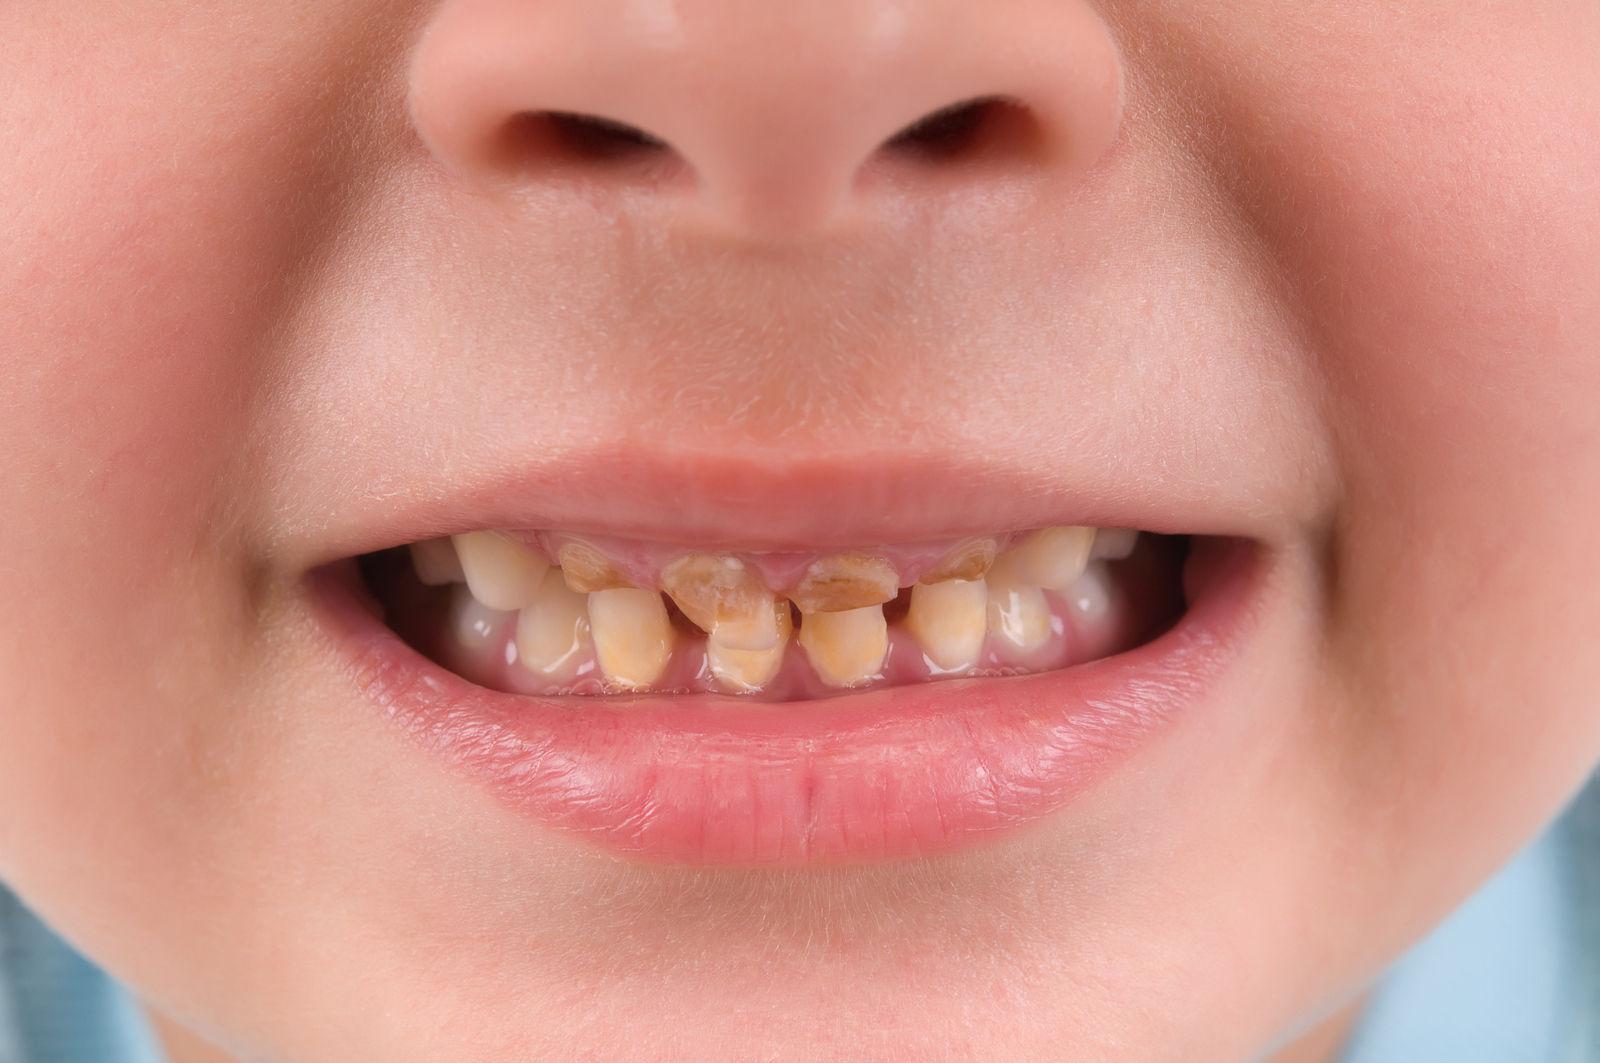 2-12 хүртэлх насны хүүхдийн шүдний эмчилгээний зардлыг ЭМД-ын сангаас гаргана